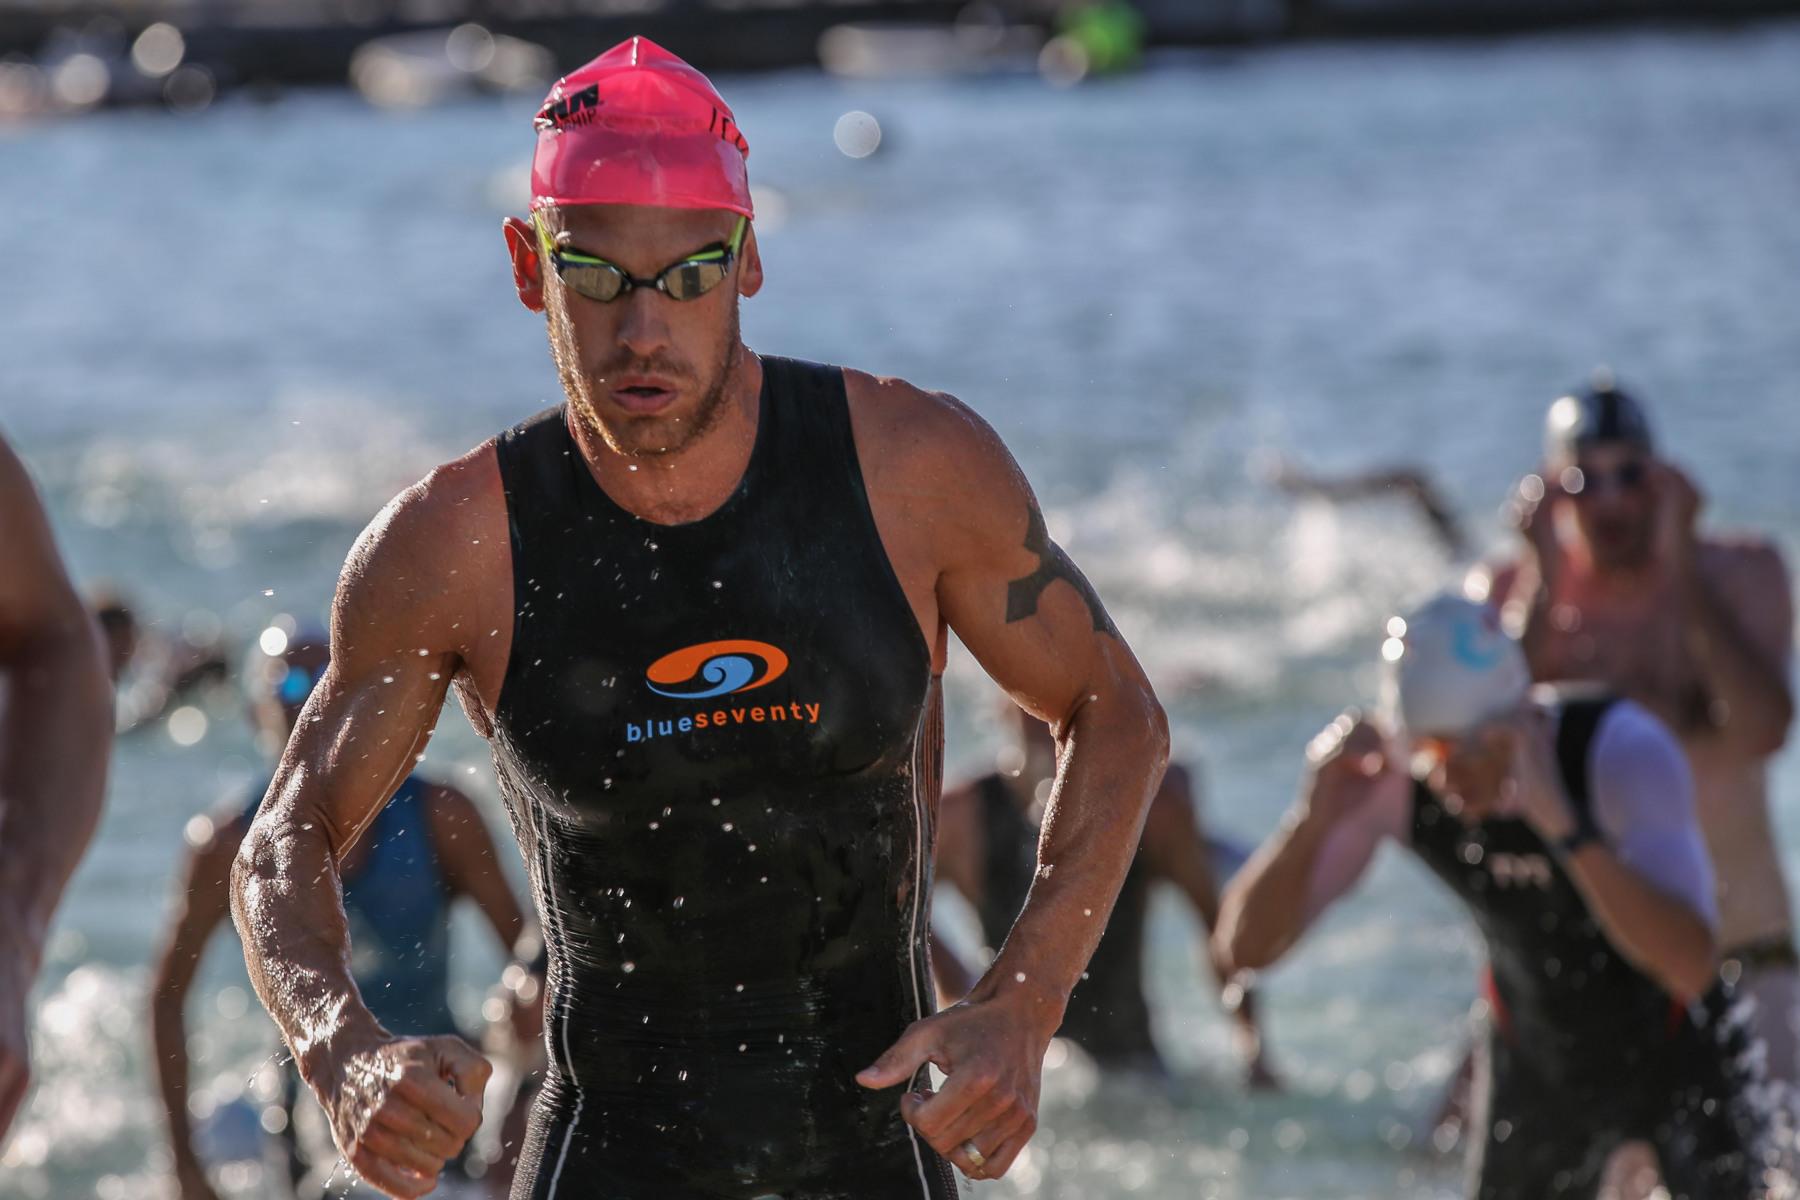 Lionel Sanders wollte nach seiner Teilnahme beim Path Run am Vortag weitere Wettkampfkilometer sammeln. Seine Zeit: 51:55 Minuten.